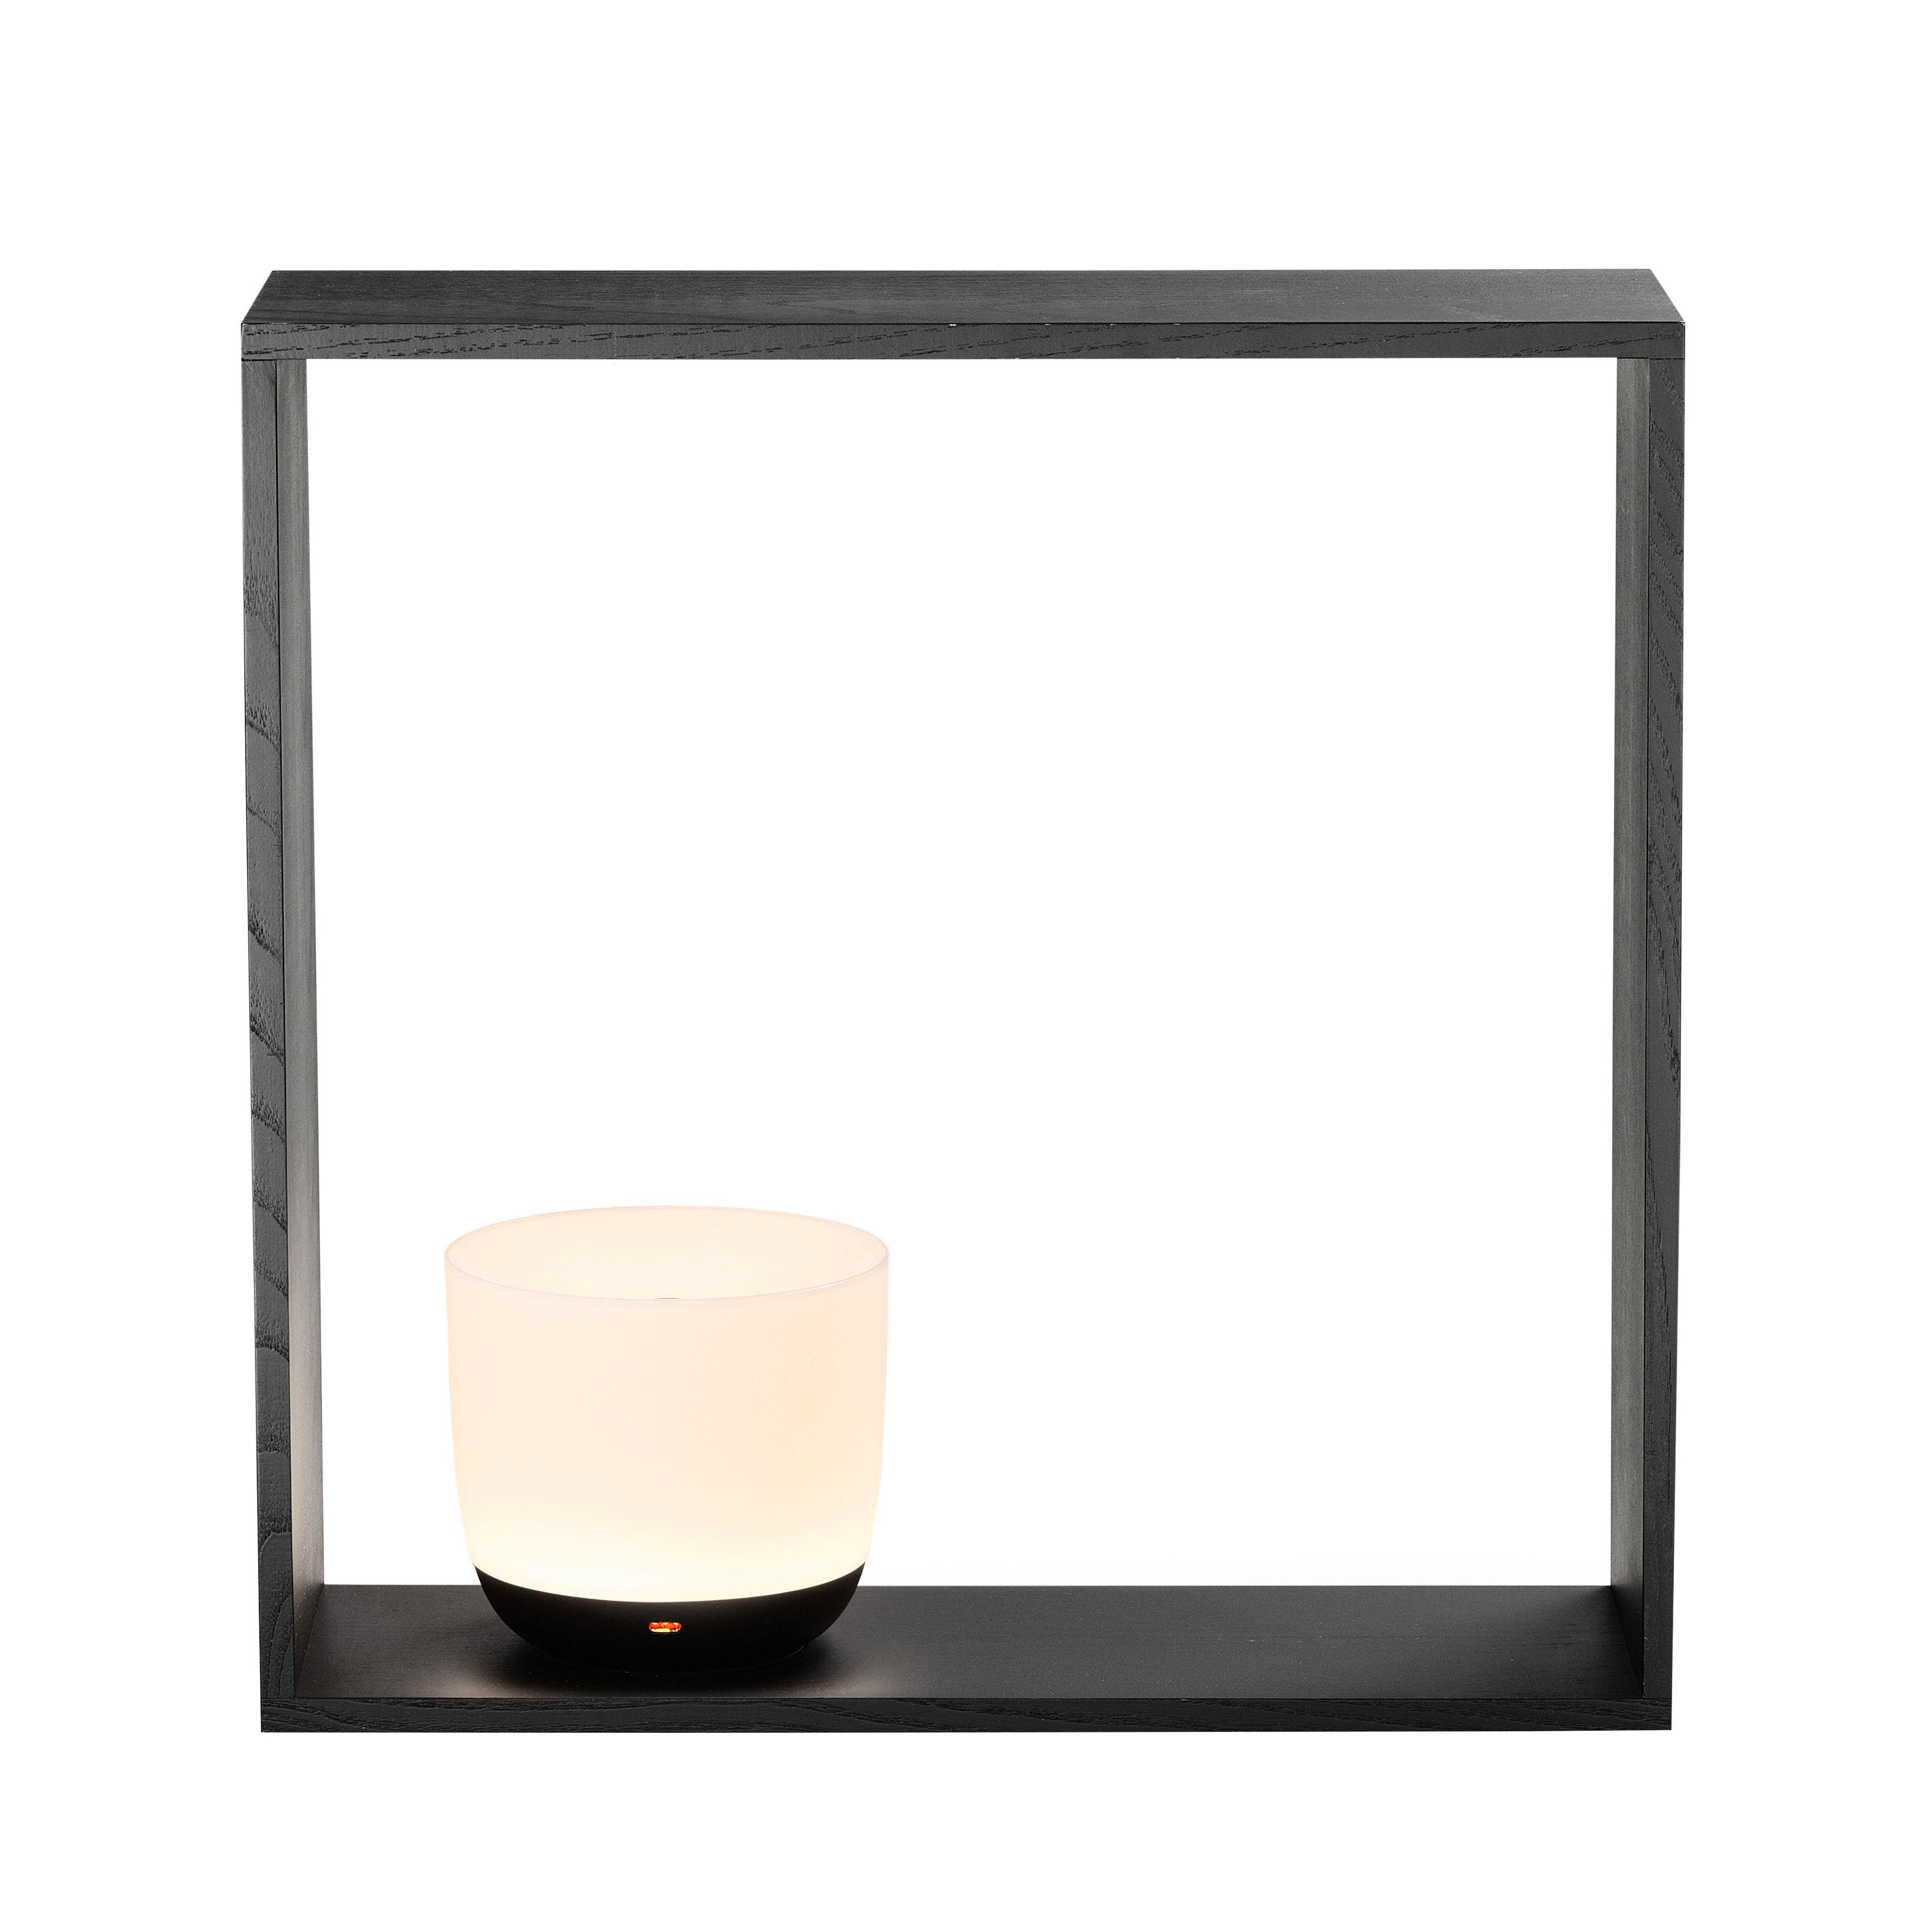 Luminaire - Lampes de table - Lampe Gaku / Diffuseur sans fil charge induction - Flos - Cadre noir / Lampe blanche & noir - Frêne massif teinté, Polycarbonate